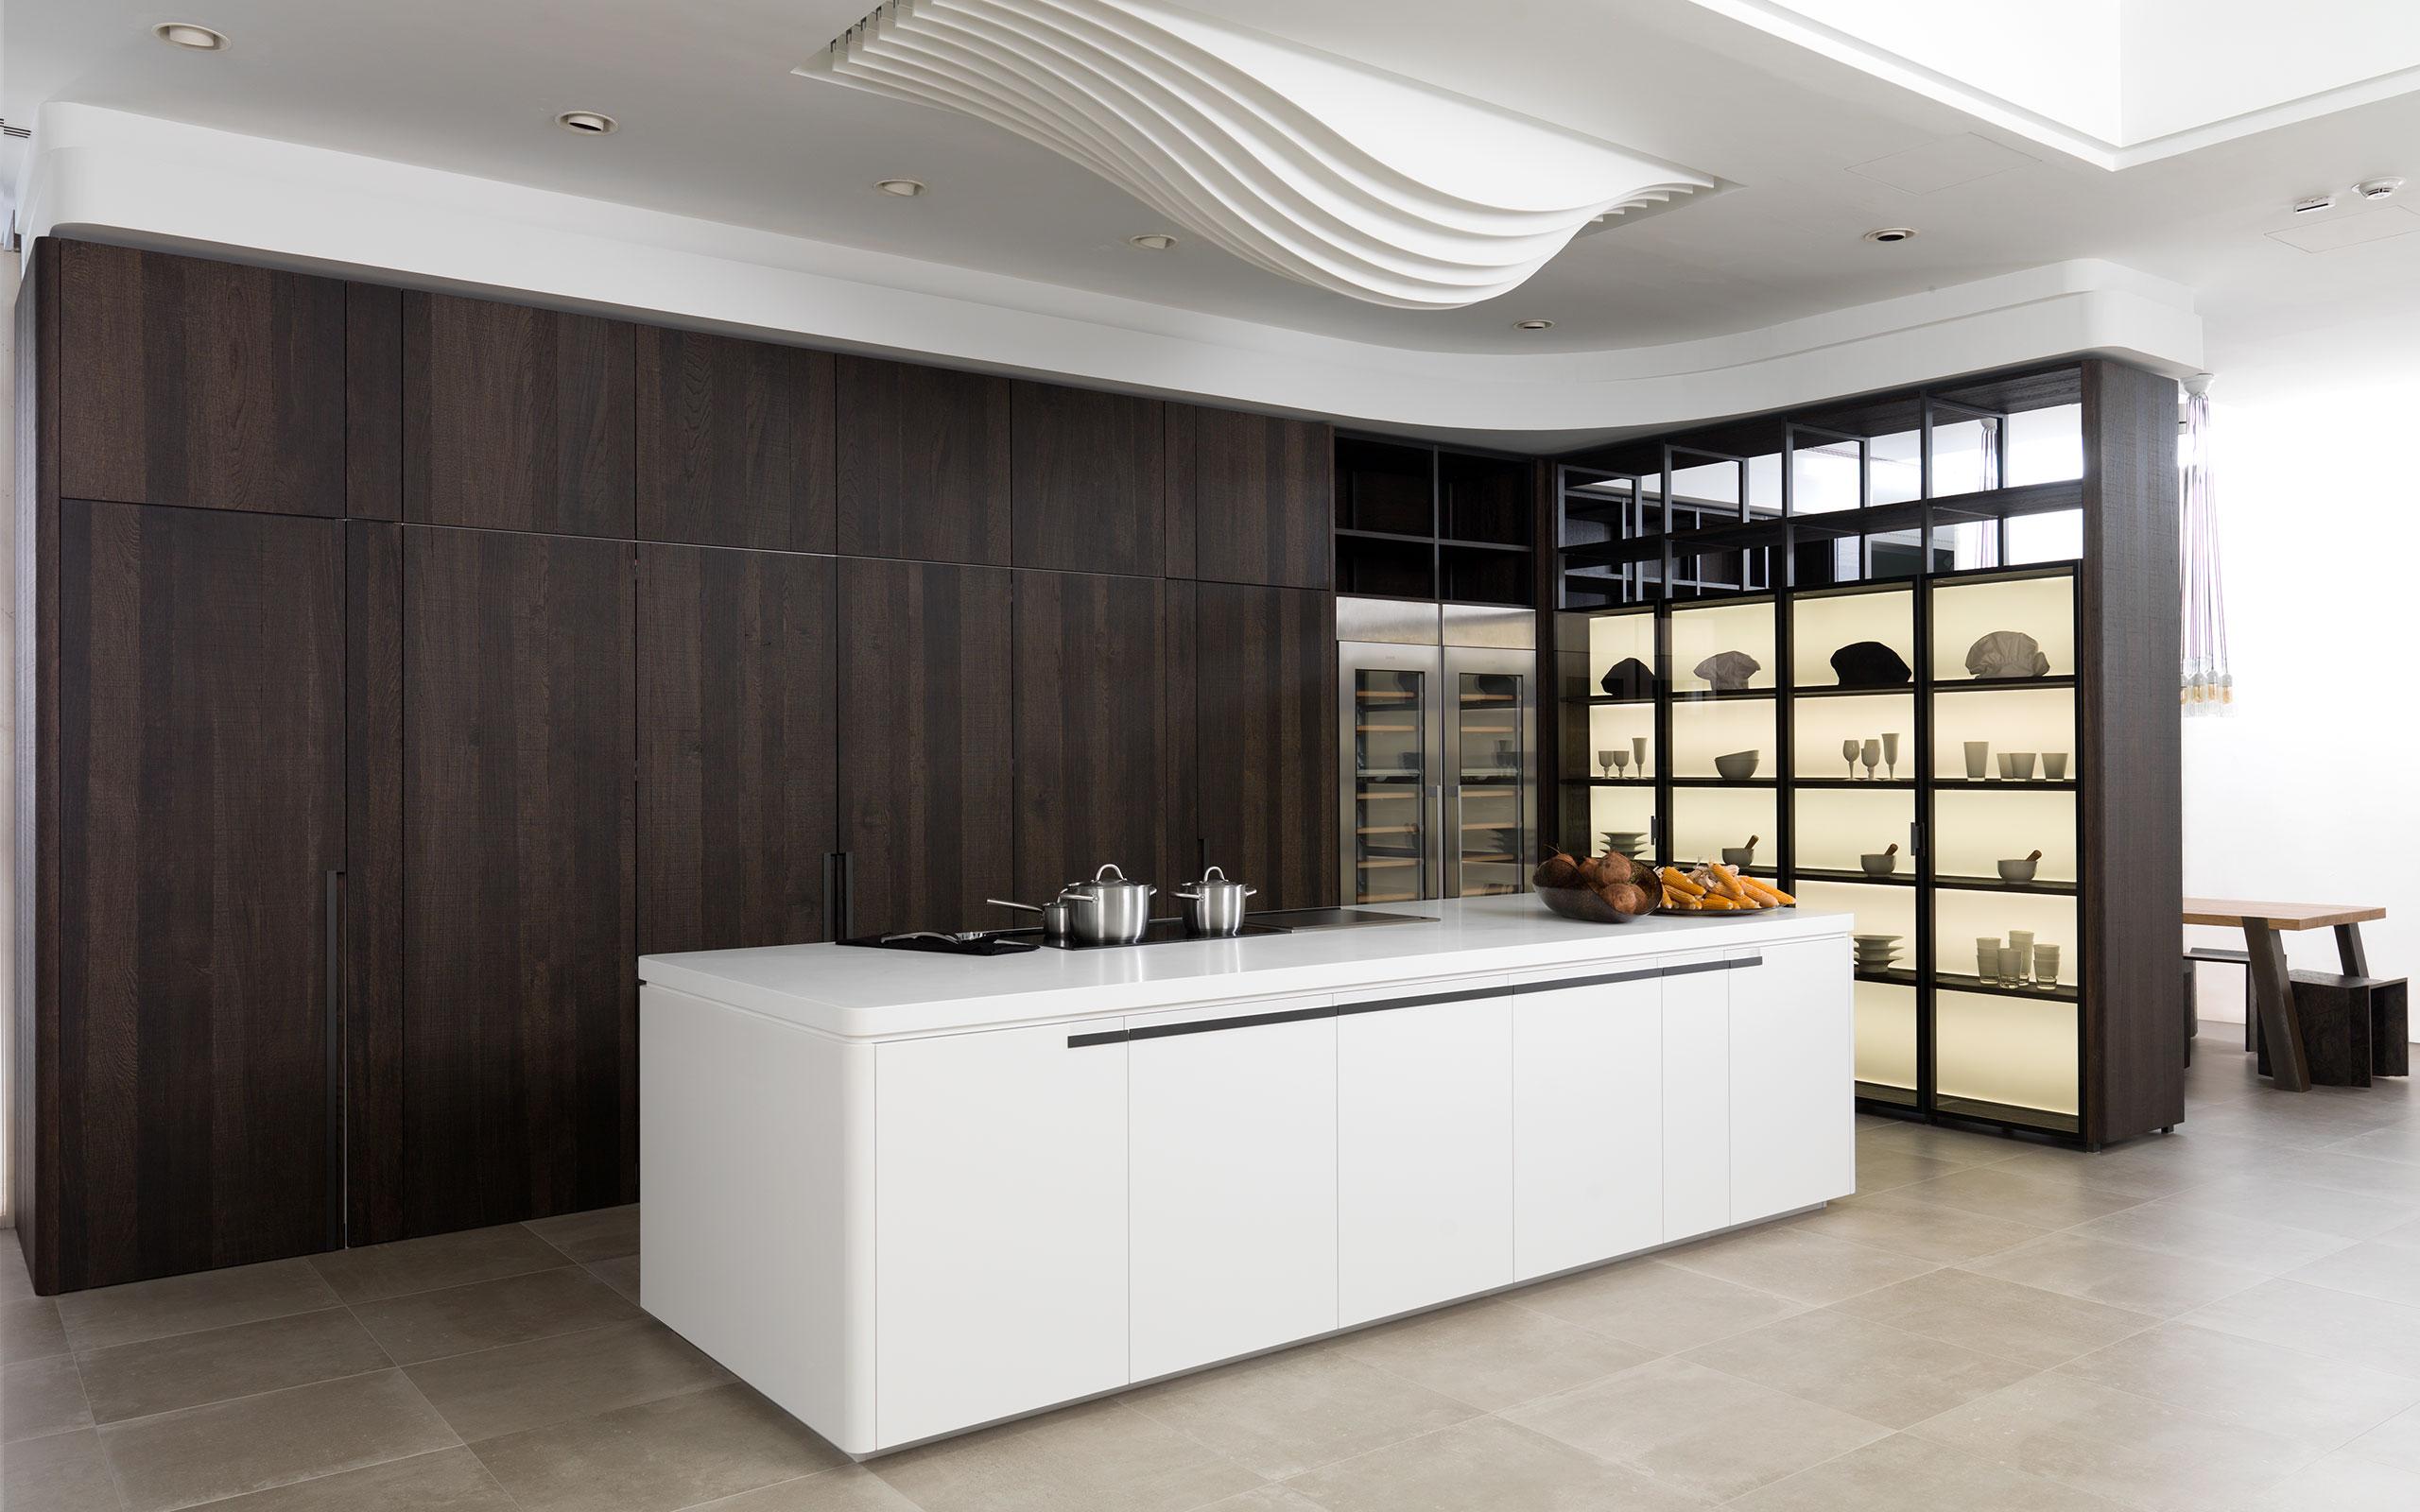 Cocinas ocultas gamadecor blog for Configurador cocinas